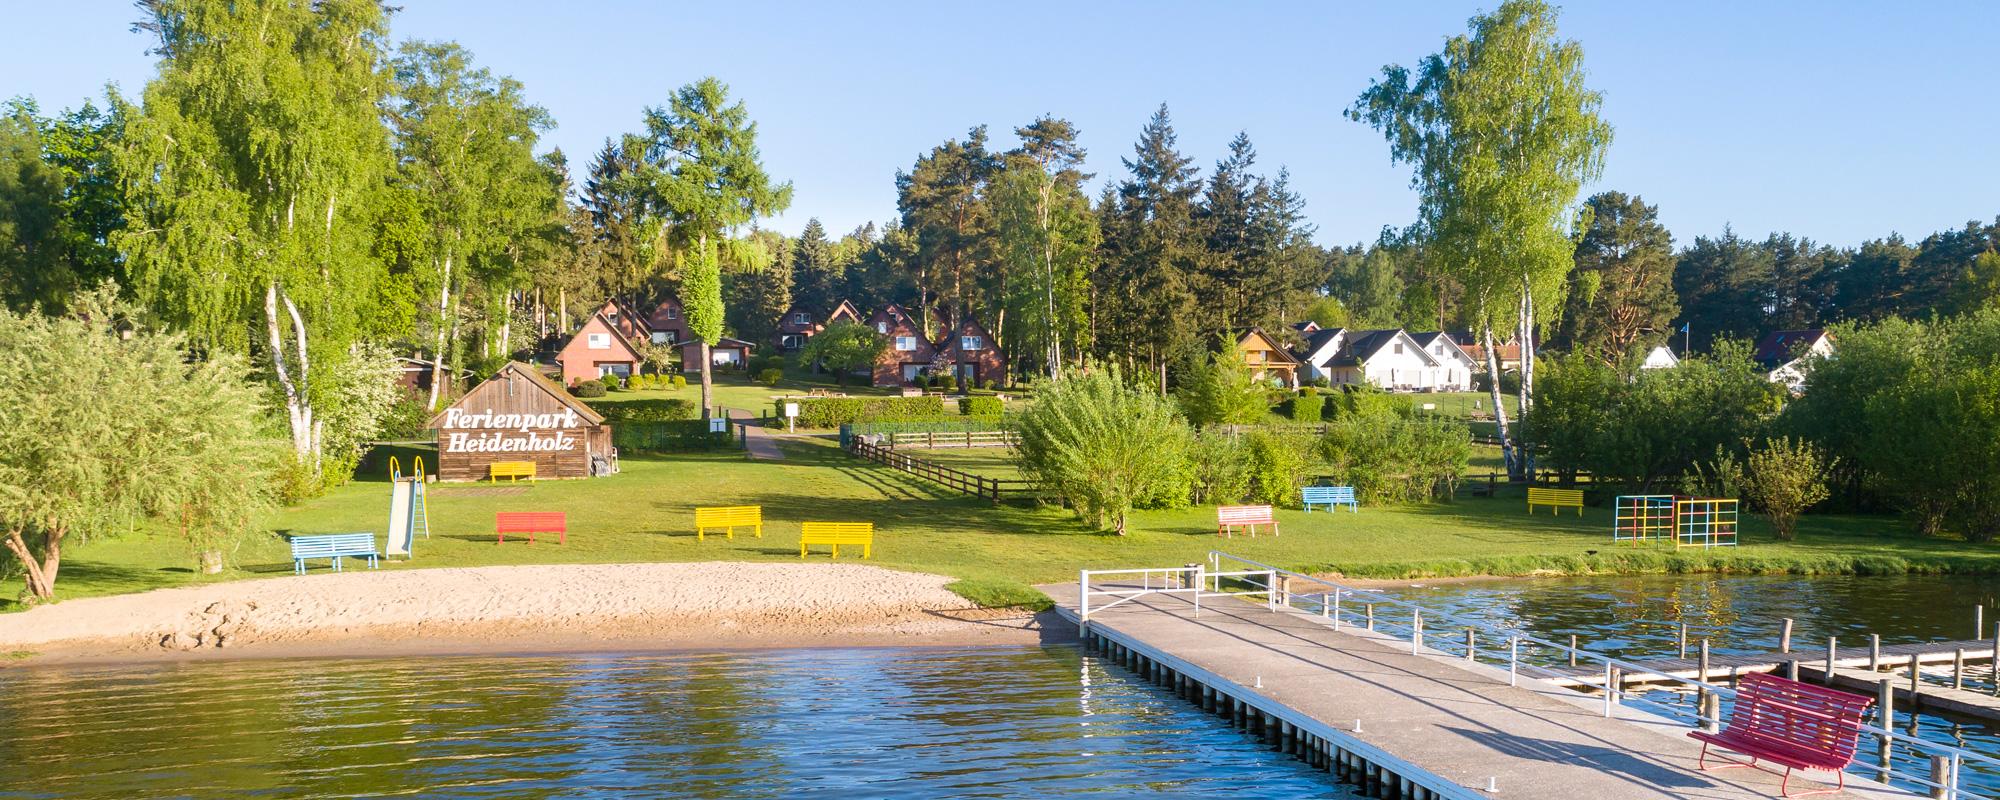 Ferienpark Heidenholz Seebrücke, Strand und Ferienhäuser